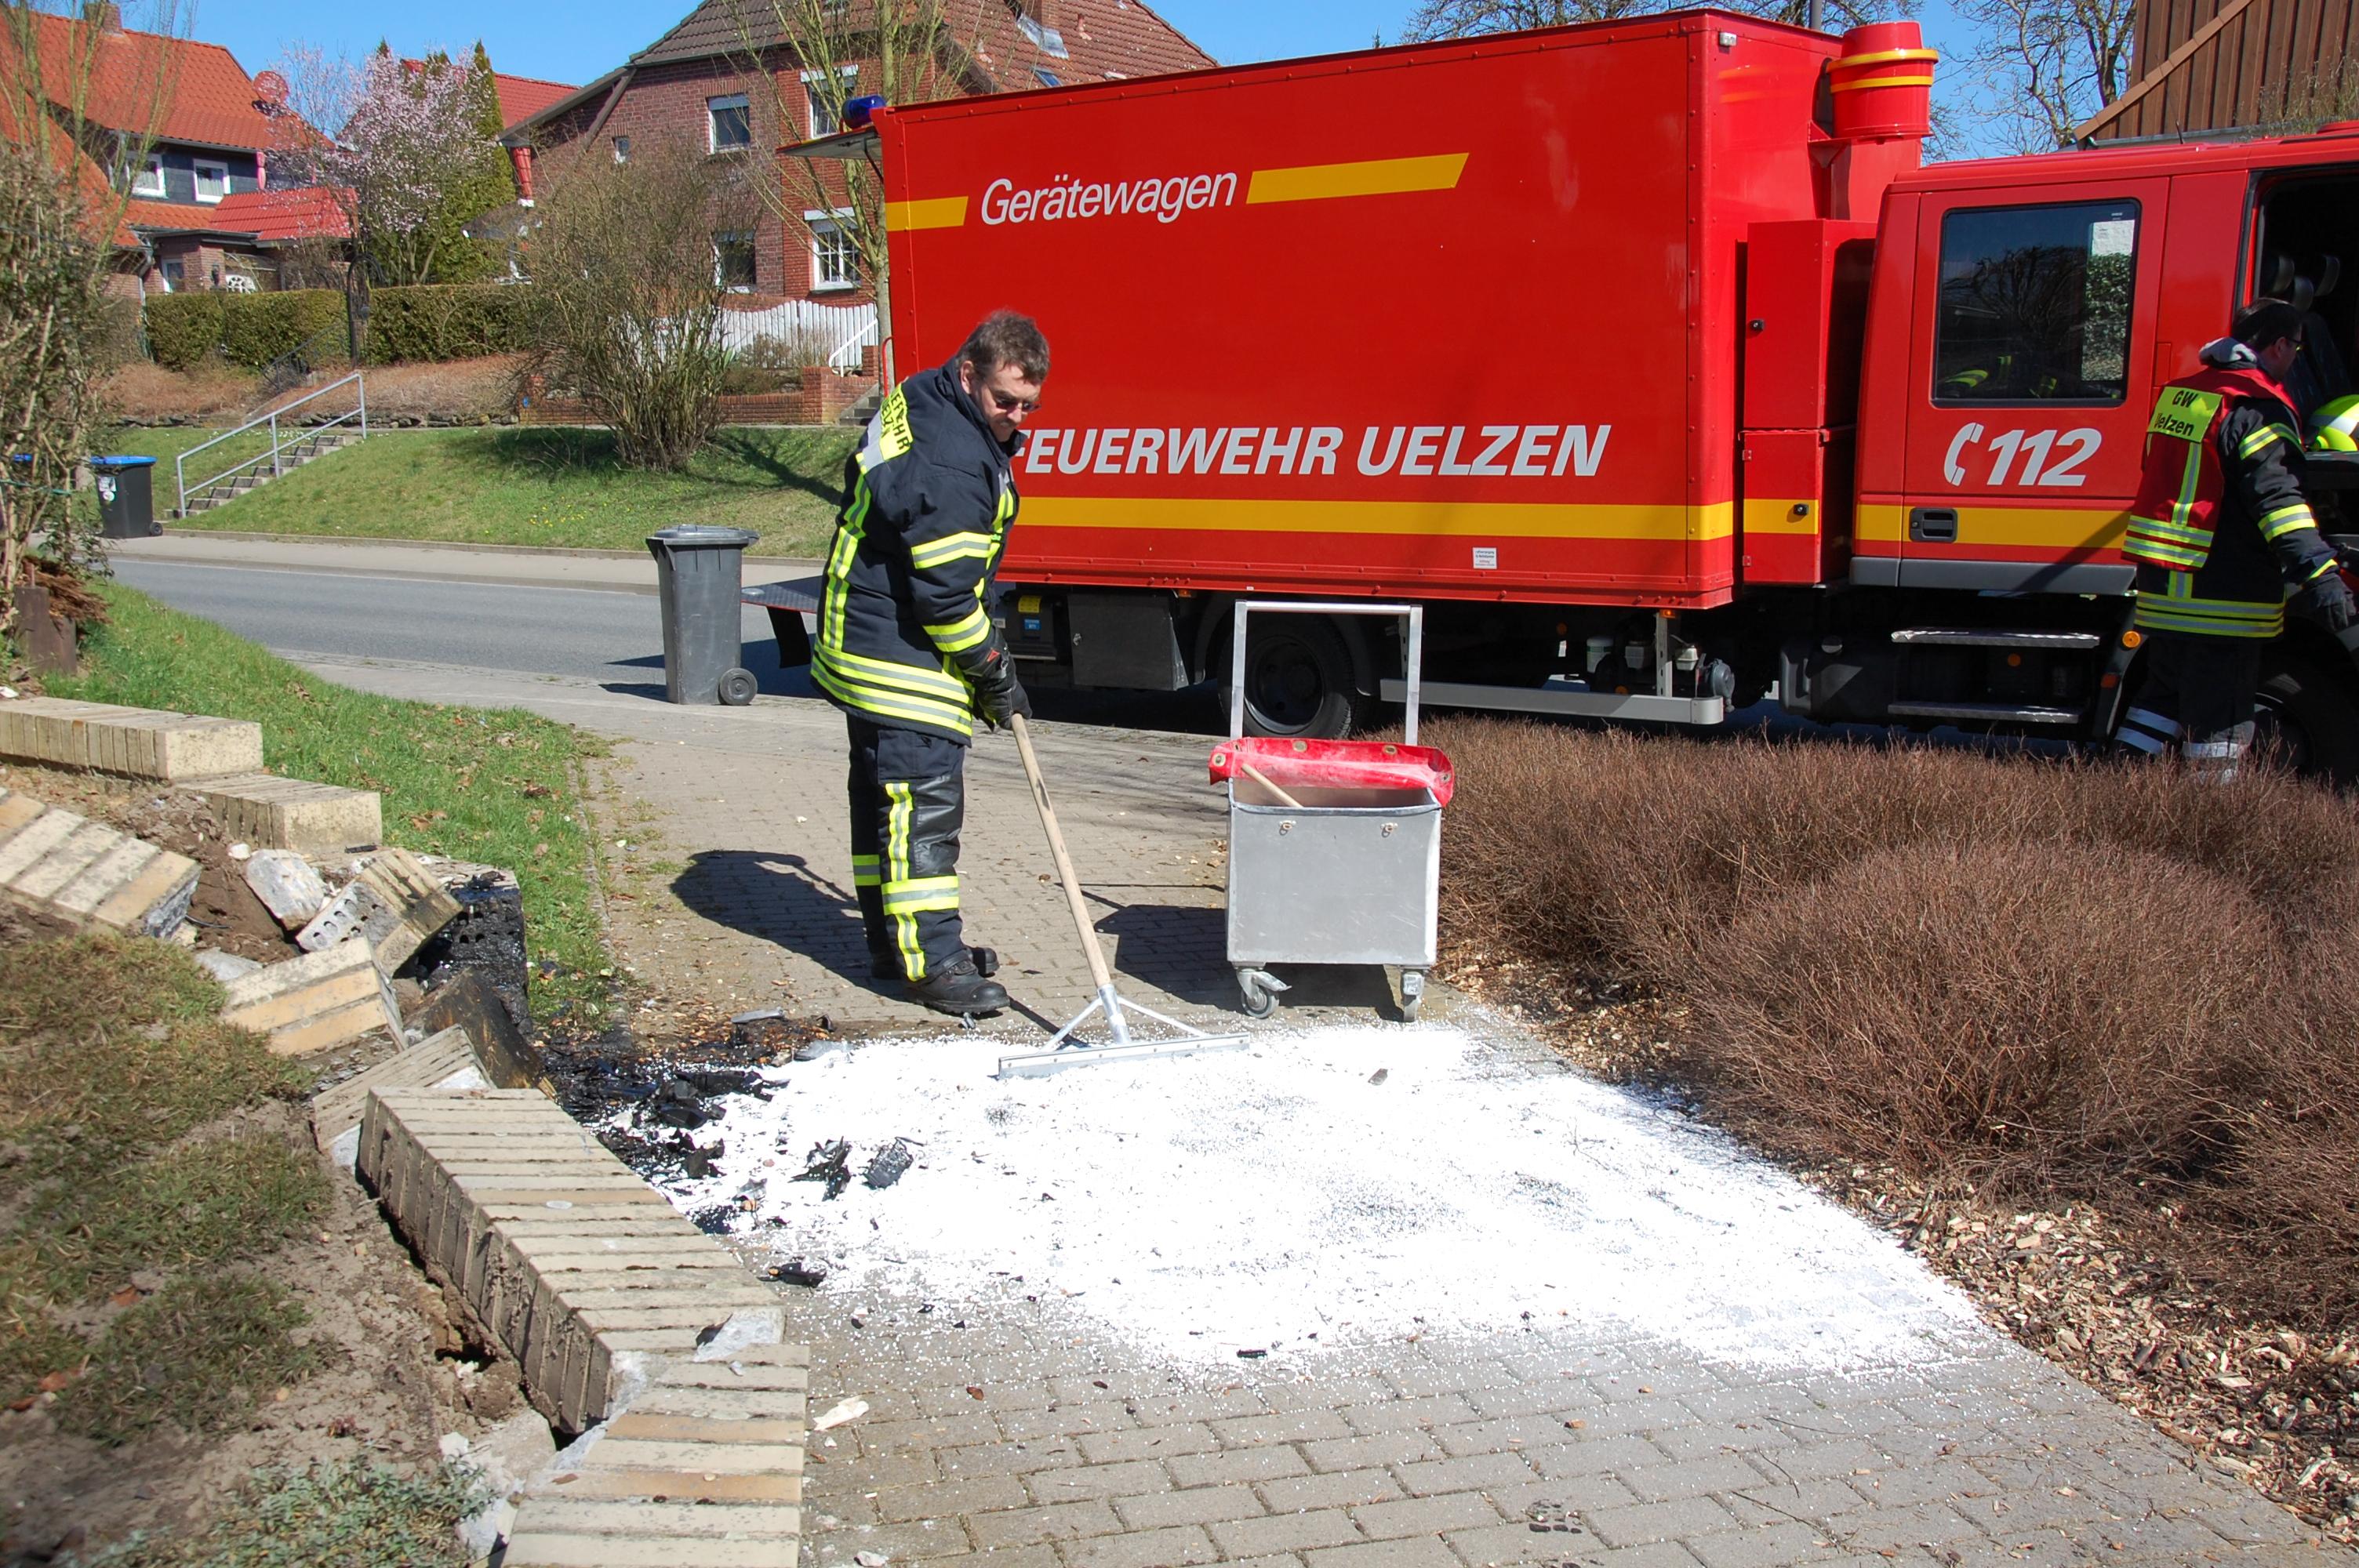 066. Auslaufende Betriebsstoffe nach Verkehrsunfall